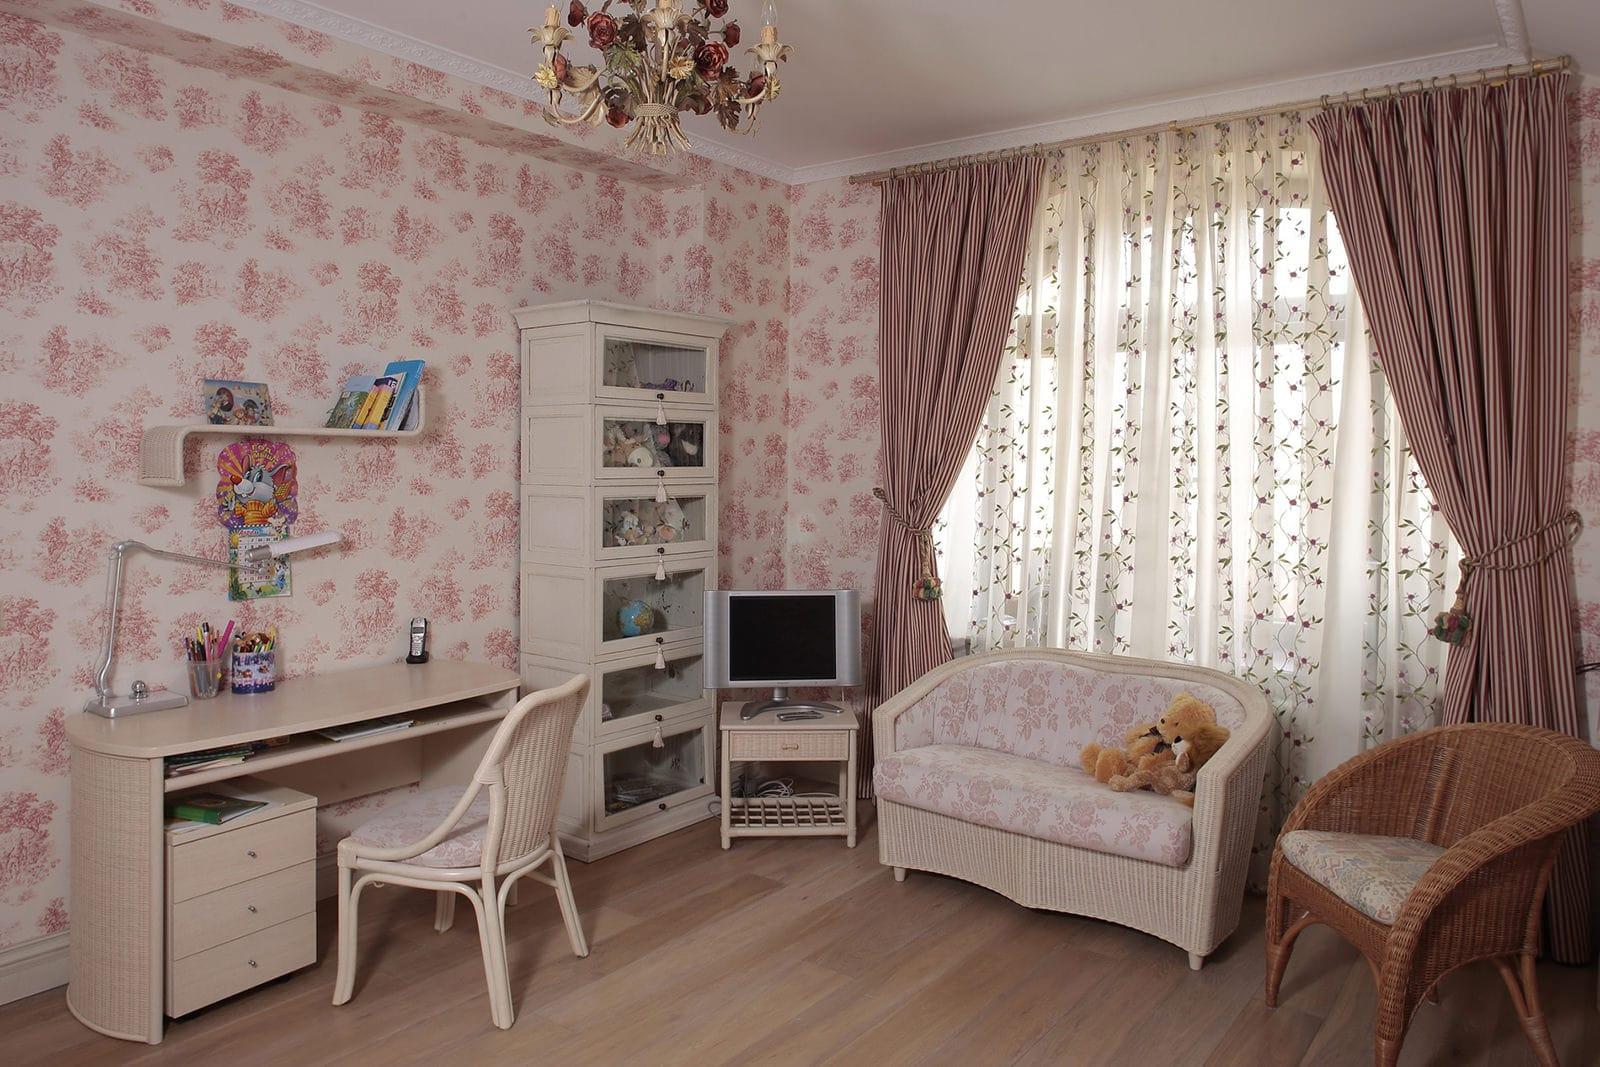 Классические шторы - это беспроигрышный вариант, они прекрасно смотрятся в любом интерьере, в том числе и в детской в стиле прованс